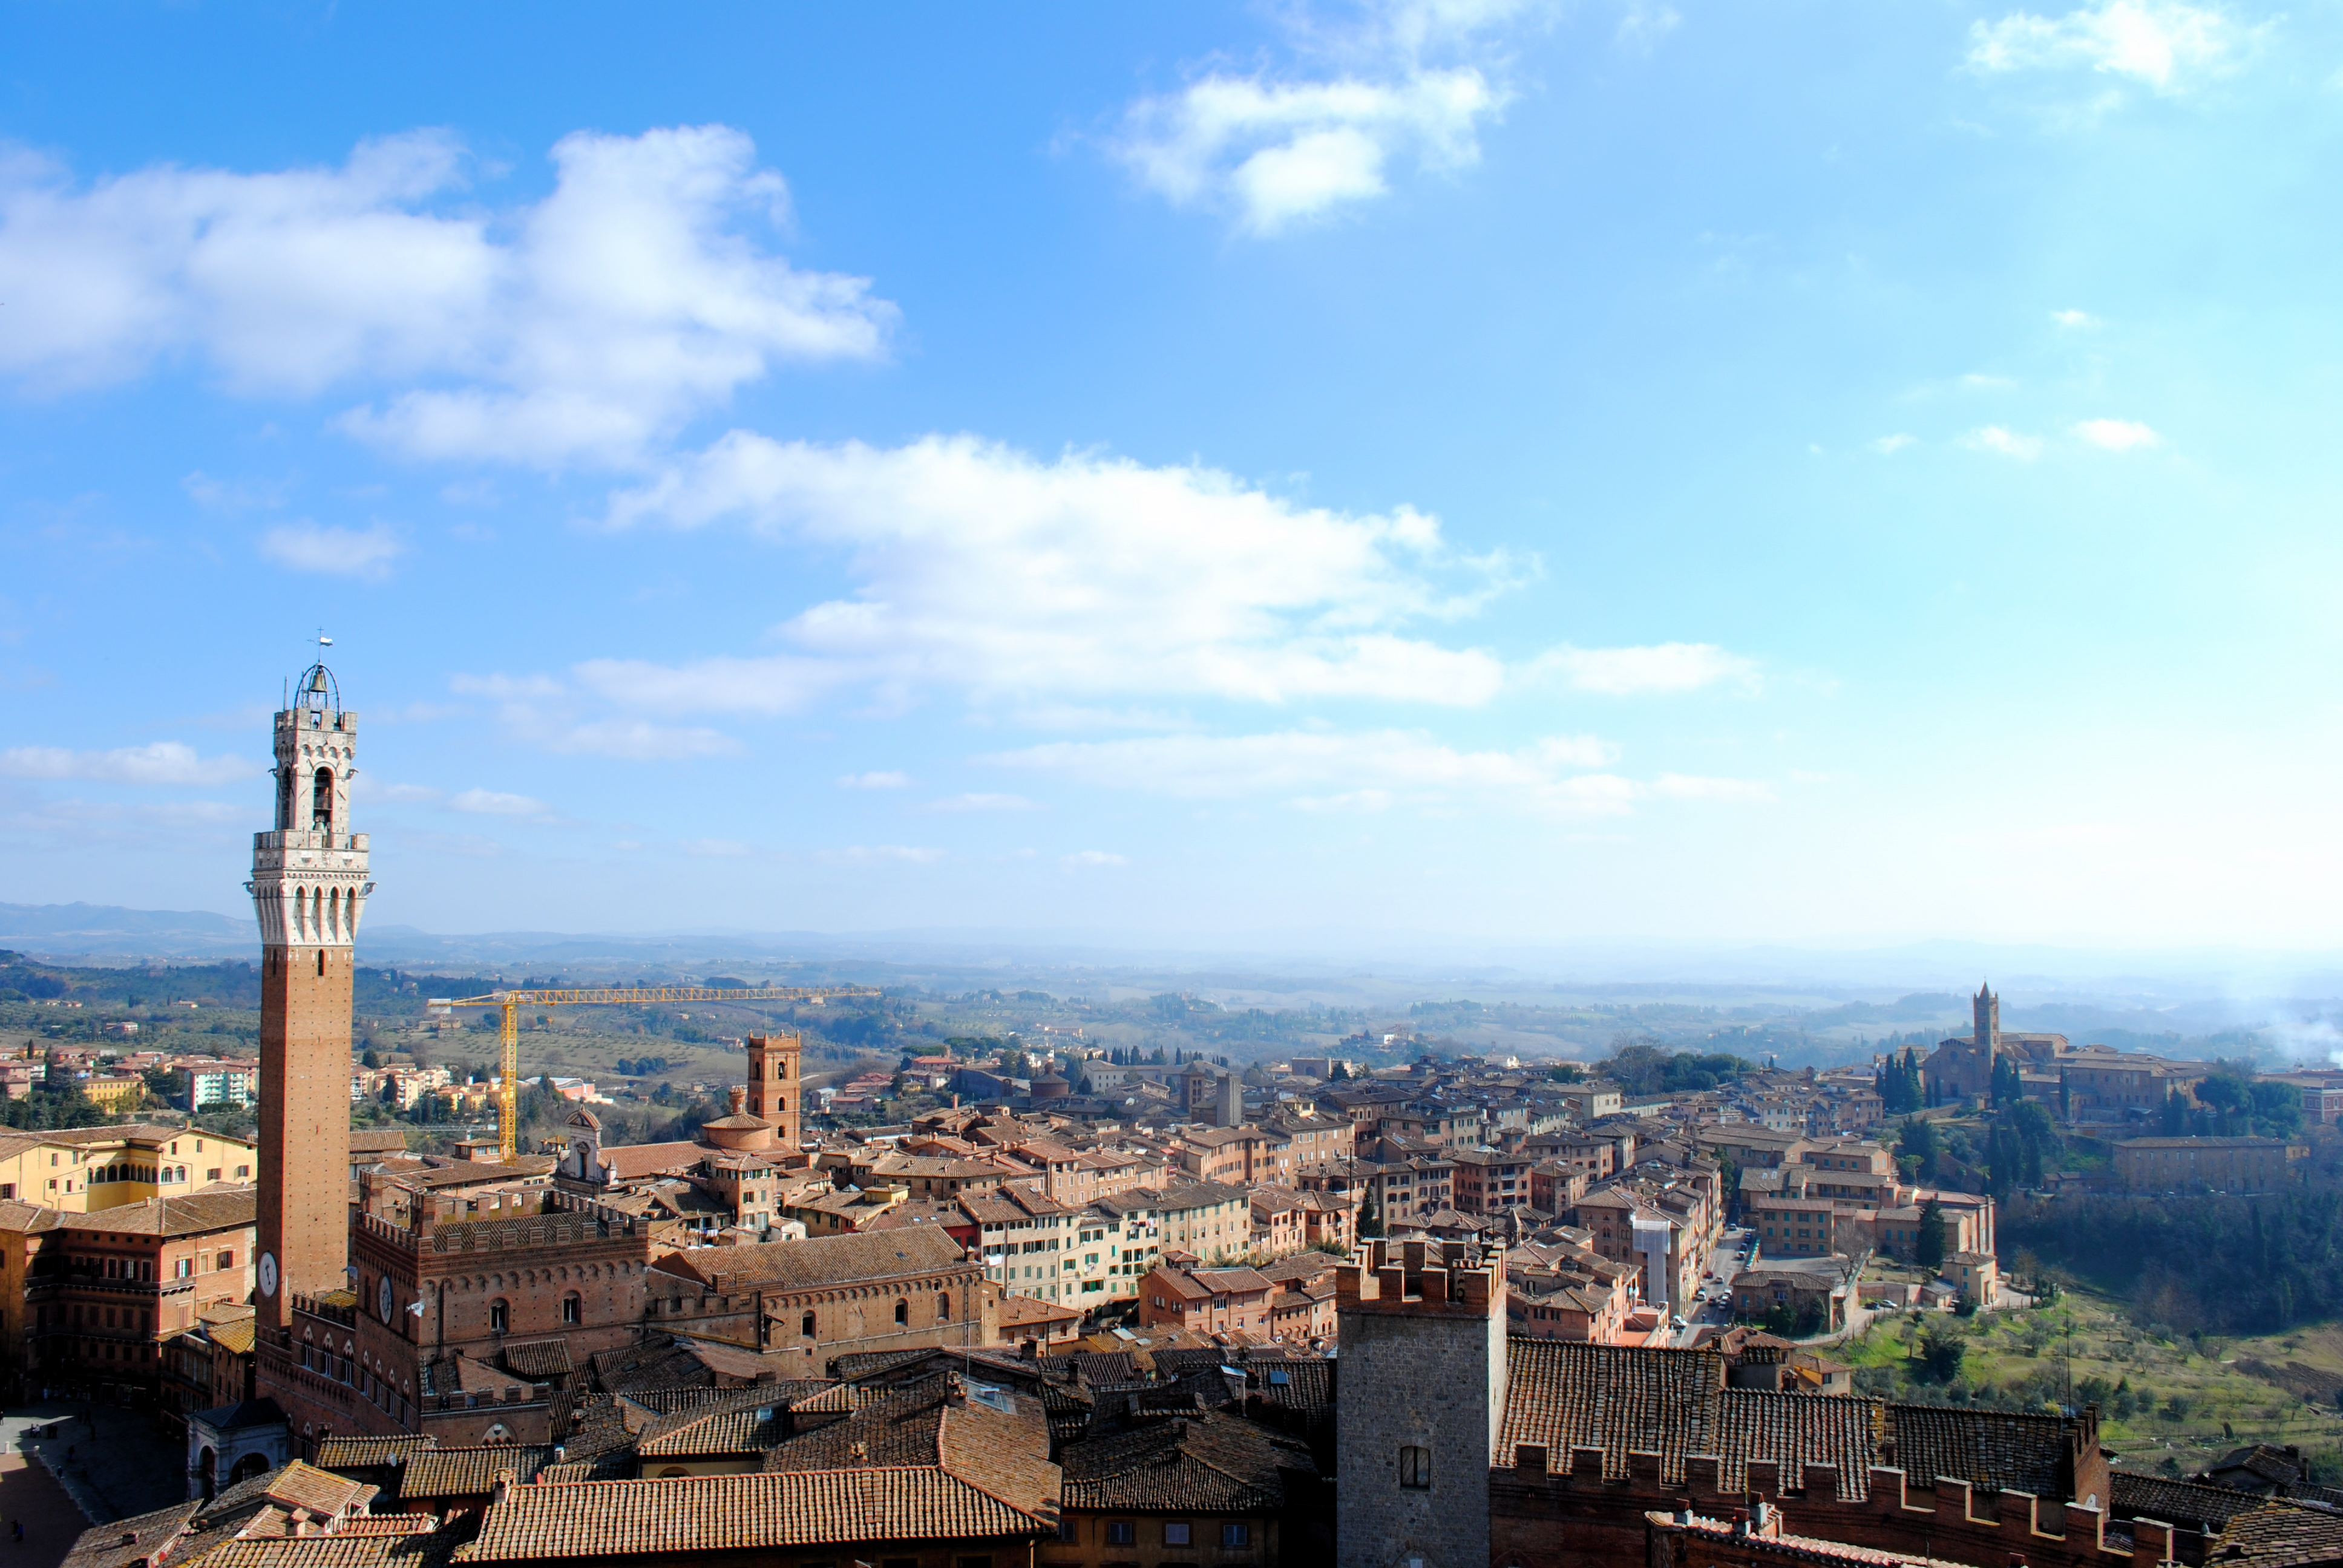 Siena, Italy. 2012.